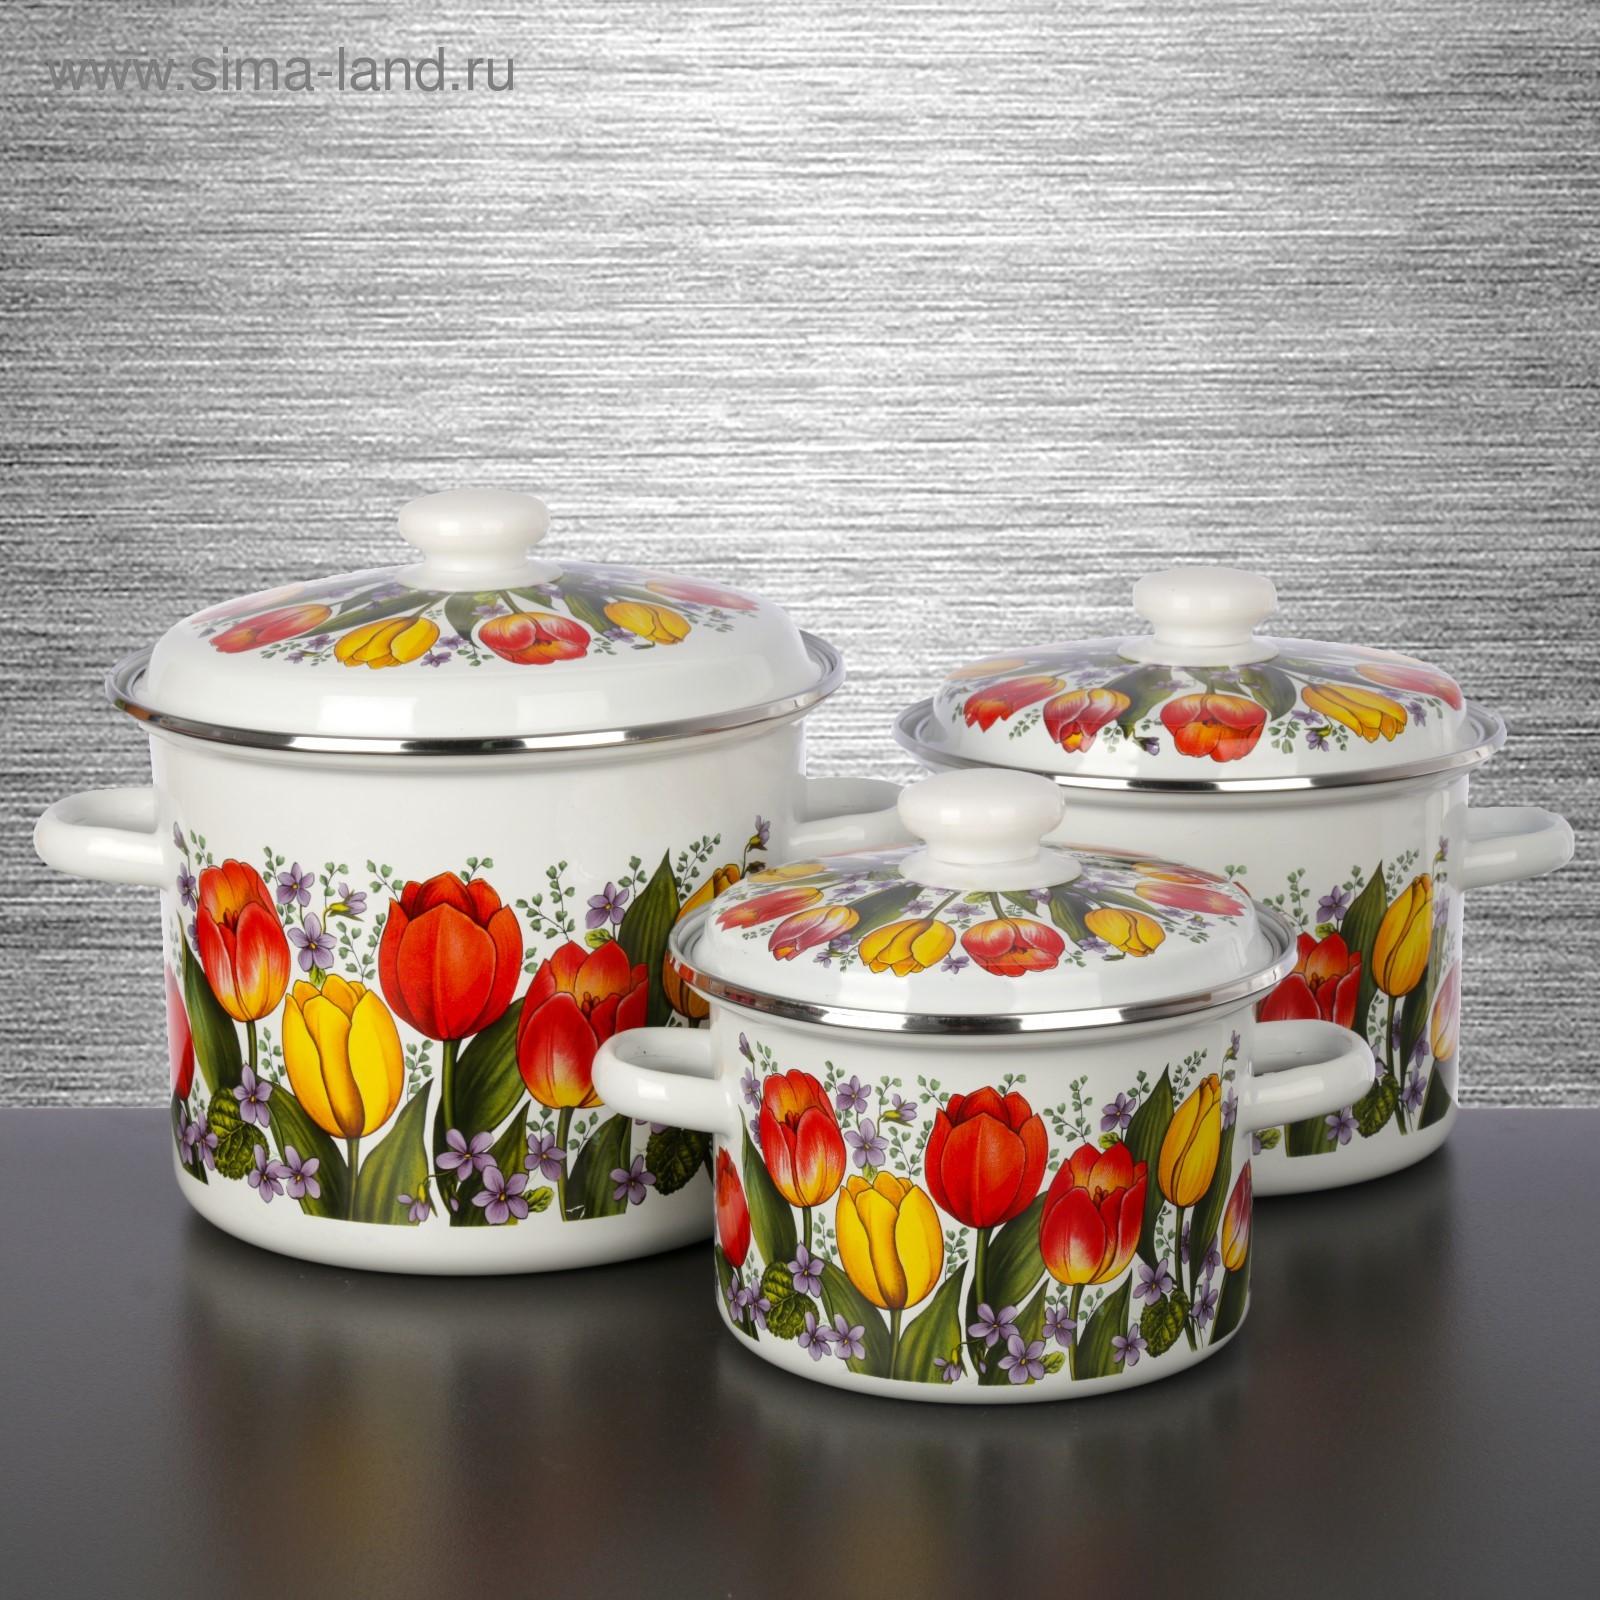 Весенний букеты, быстрый онлайн магазин заказа свежих букетов по москве